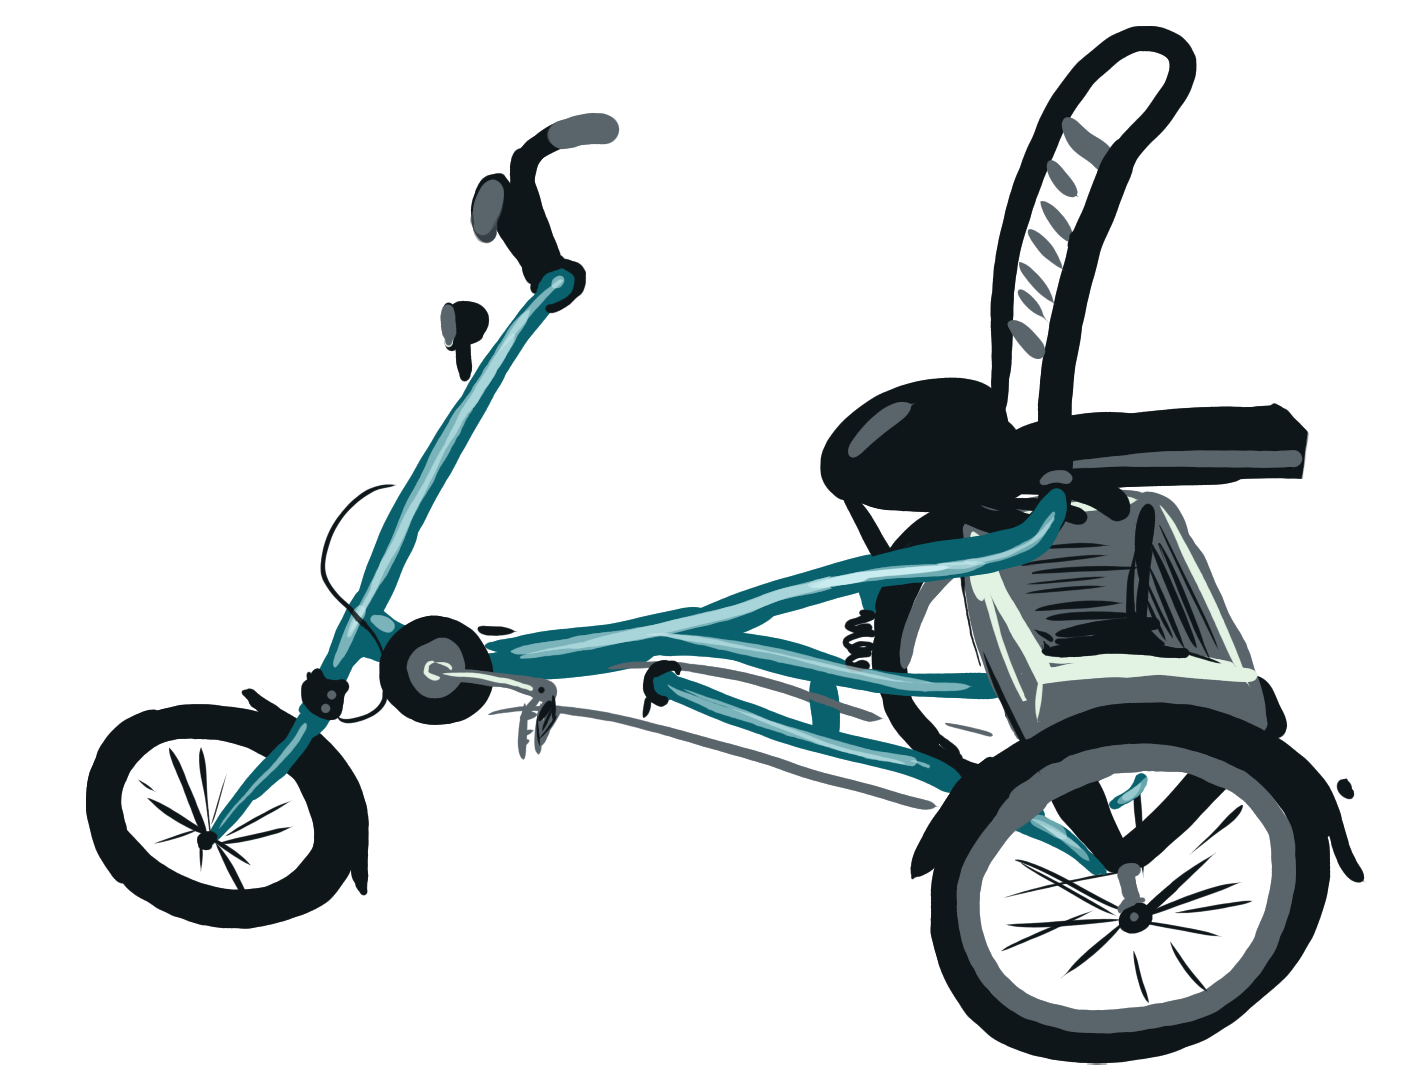 Fahrrad mit hinten zwei Rädern, vorne eins. Aufrechte Sitzhaltung.